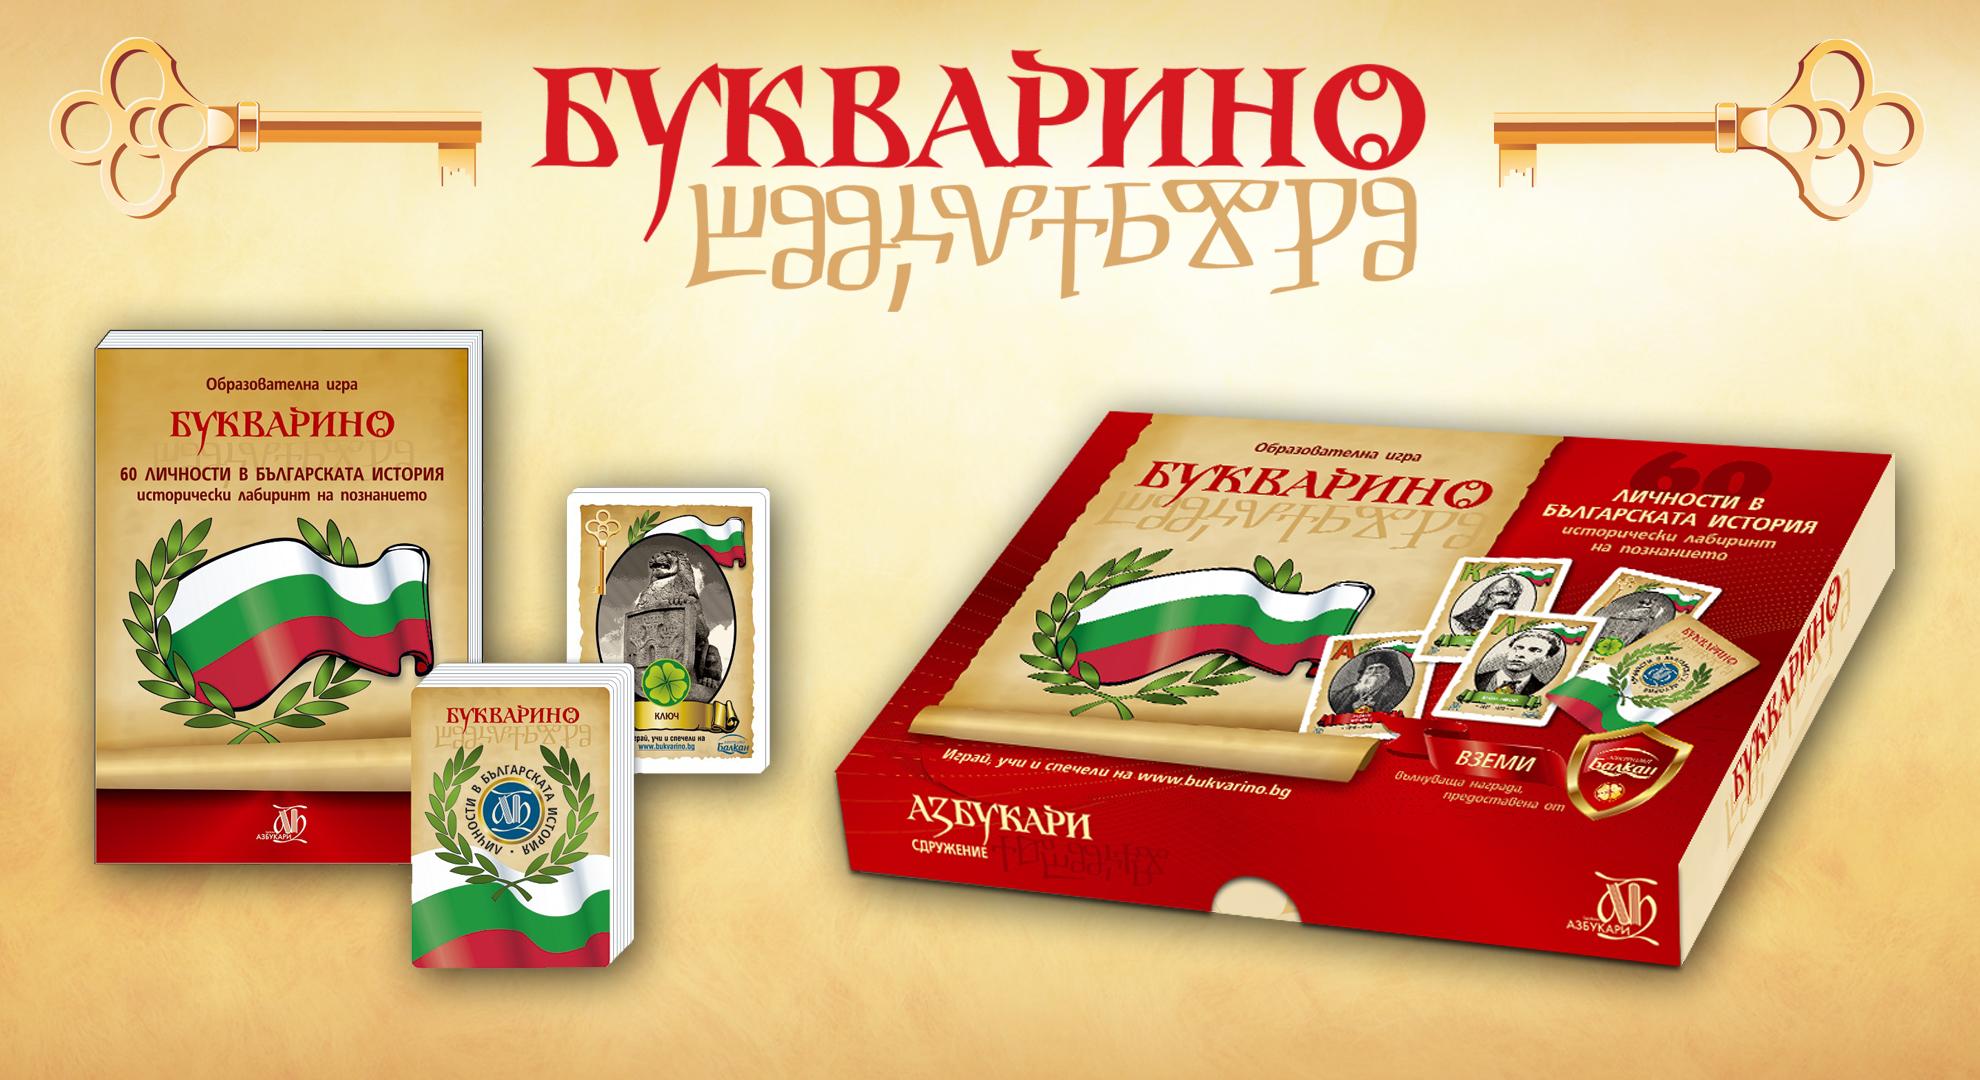 Уникална игра ще радва и образова българските деца